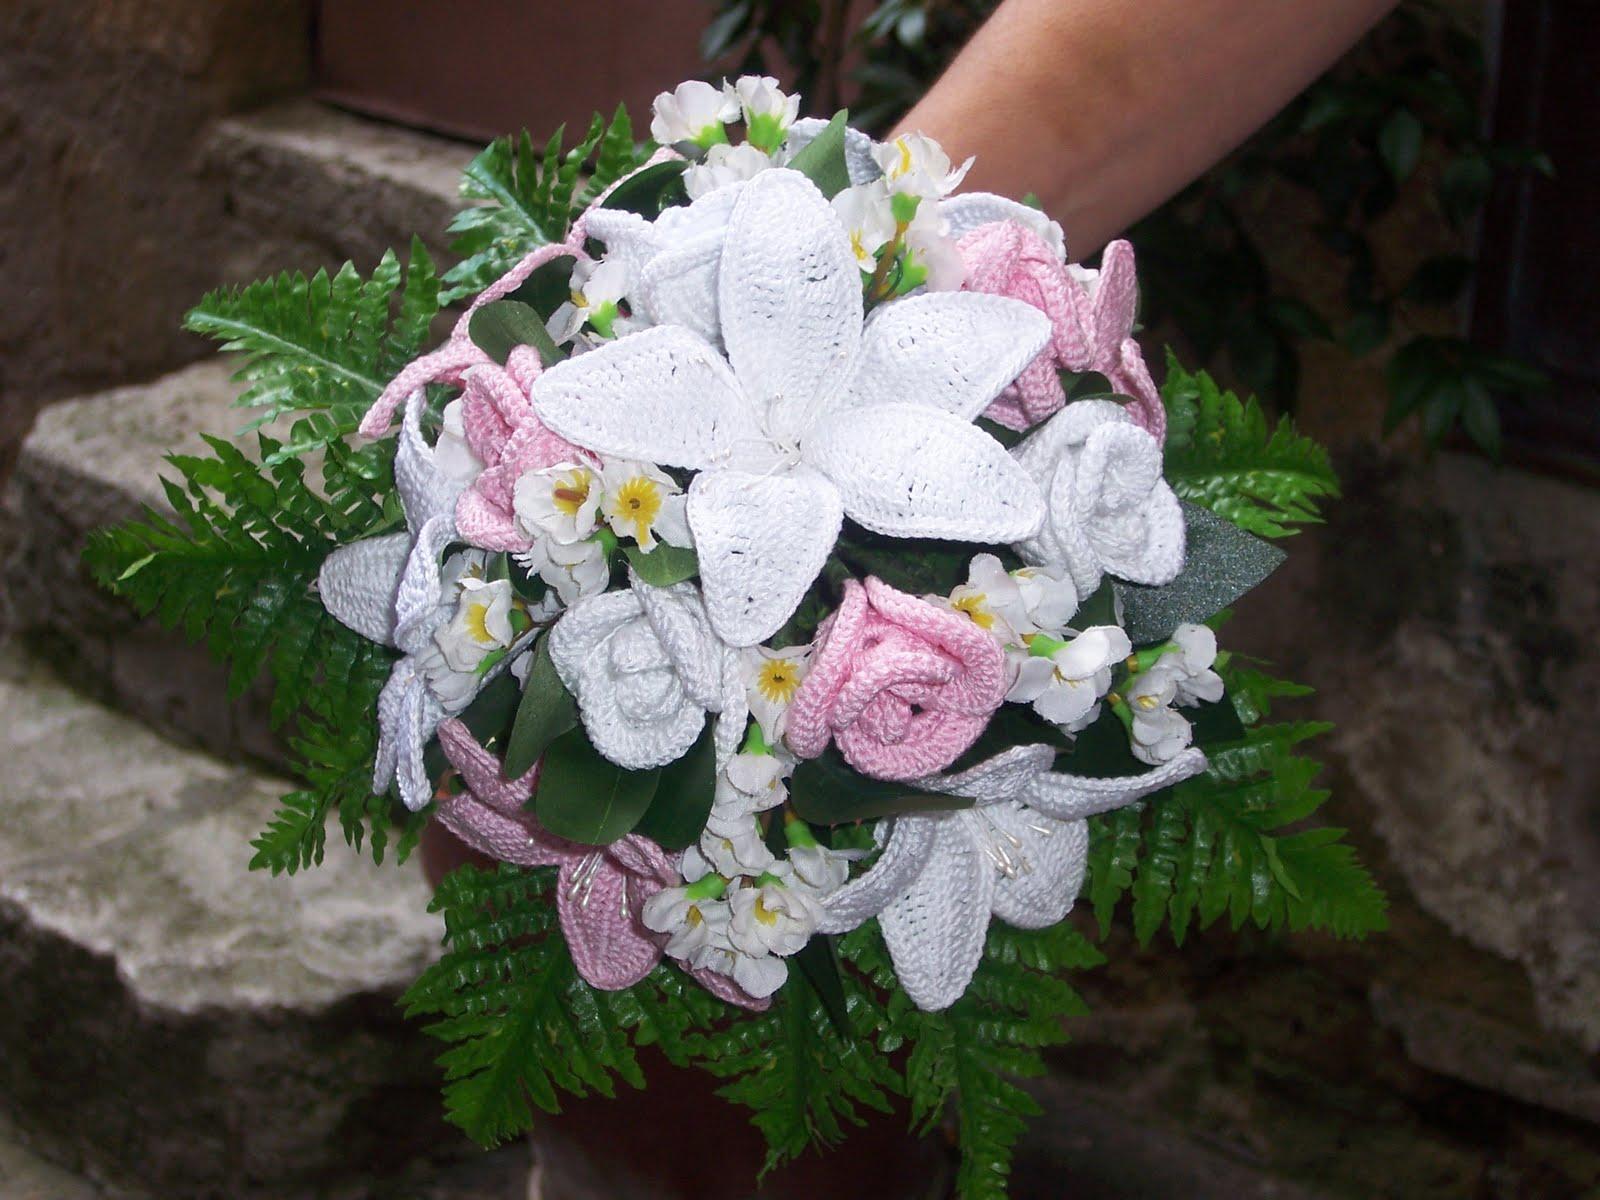 Bouquet Sposa Uncinetto.Matrimoni Il Bouquet All Uncinetto Fa Tendenza Urbanpost